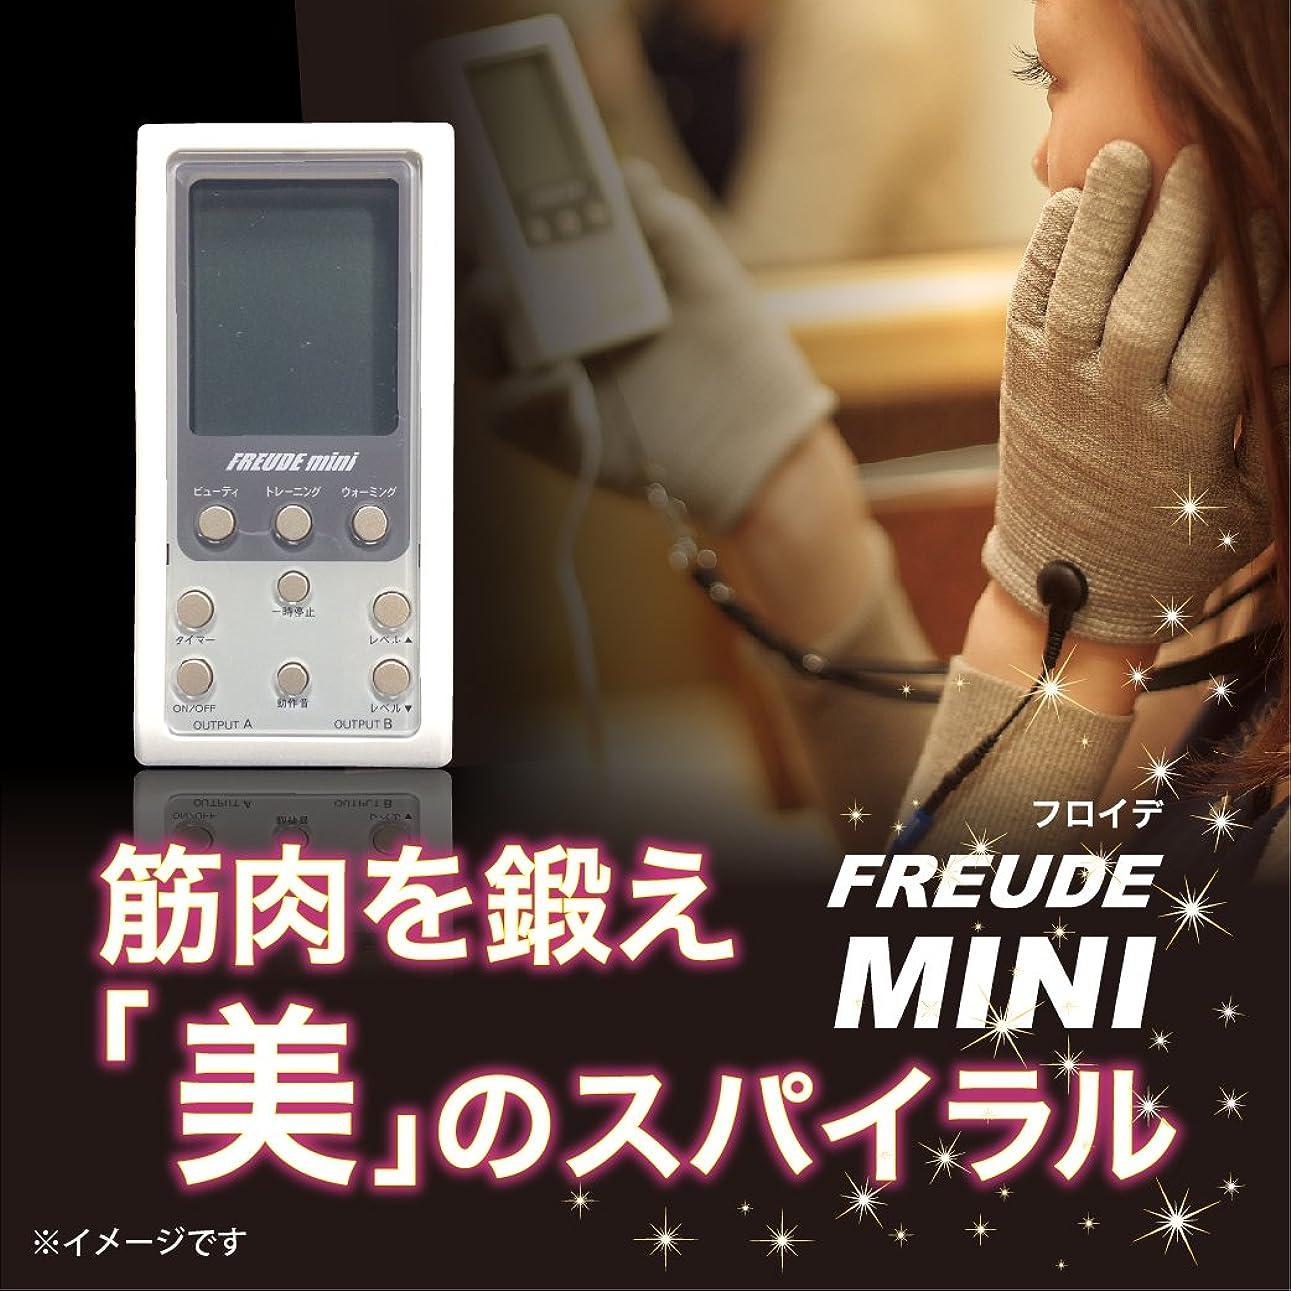 バルーン不安定まだらFREUDE-mini フロイデミニ 本体セット×1台(専用粘着パッド4枚付)